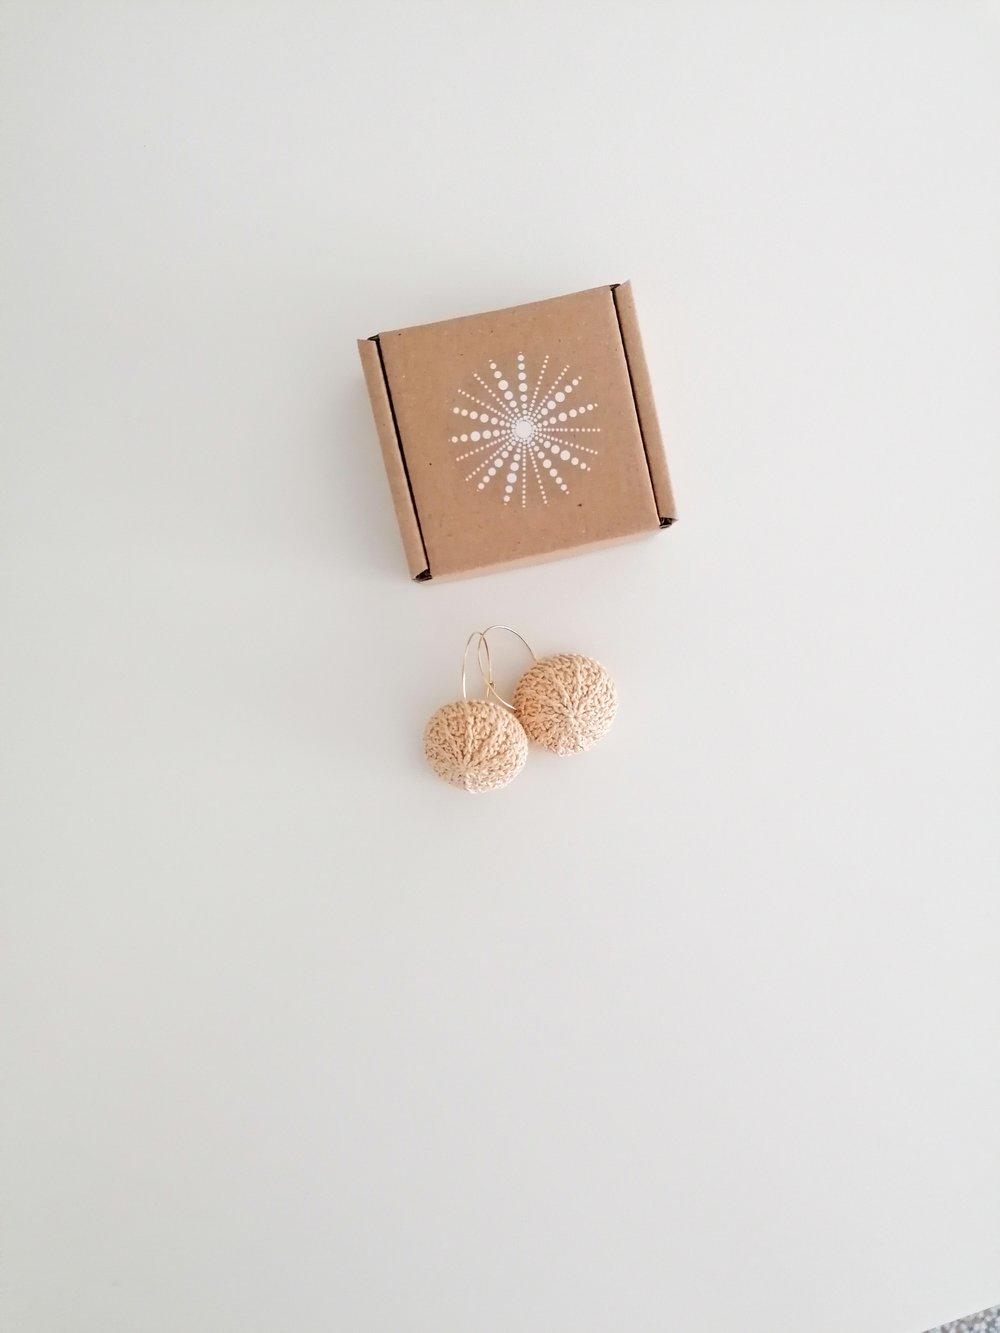 Image of Beige Sea Urchin earrings, golden hoops